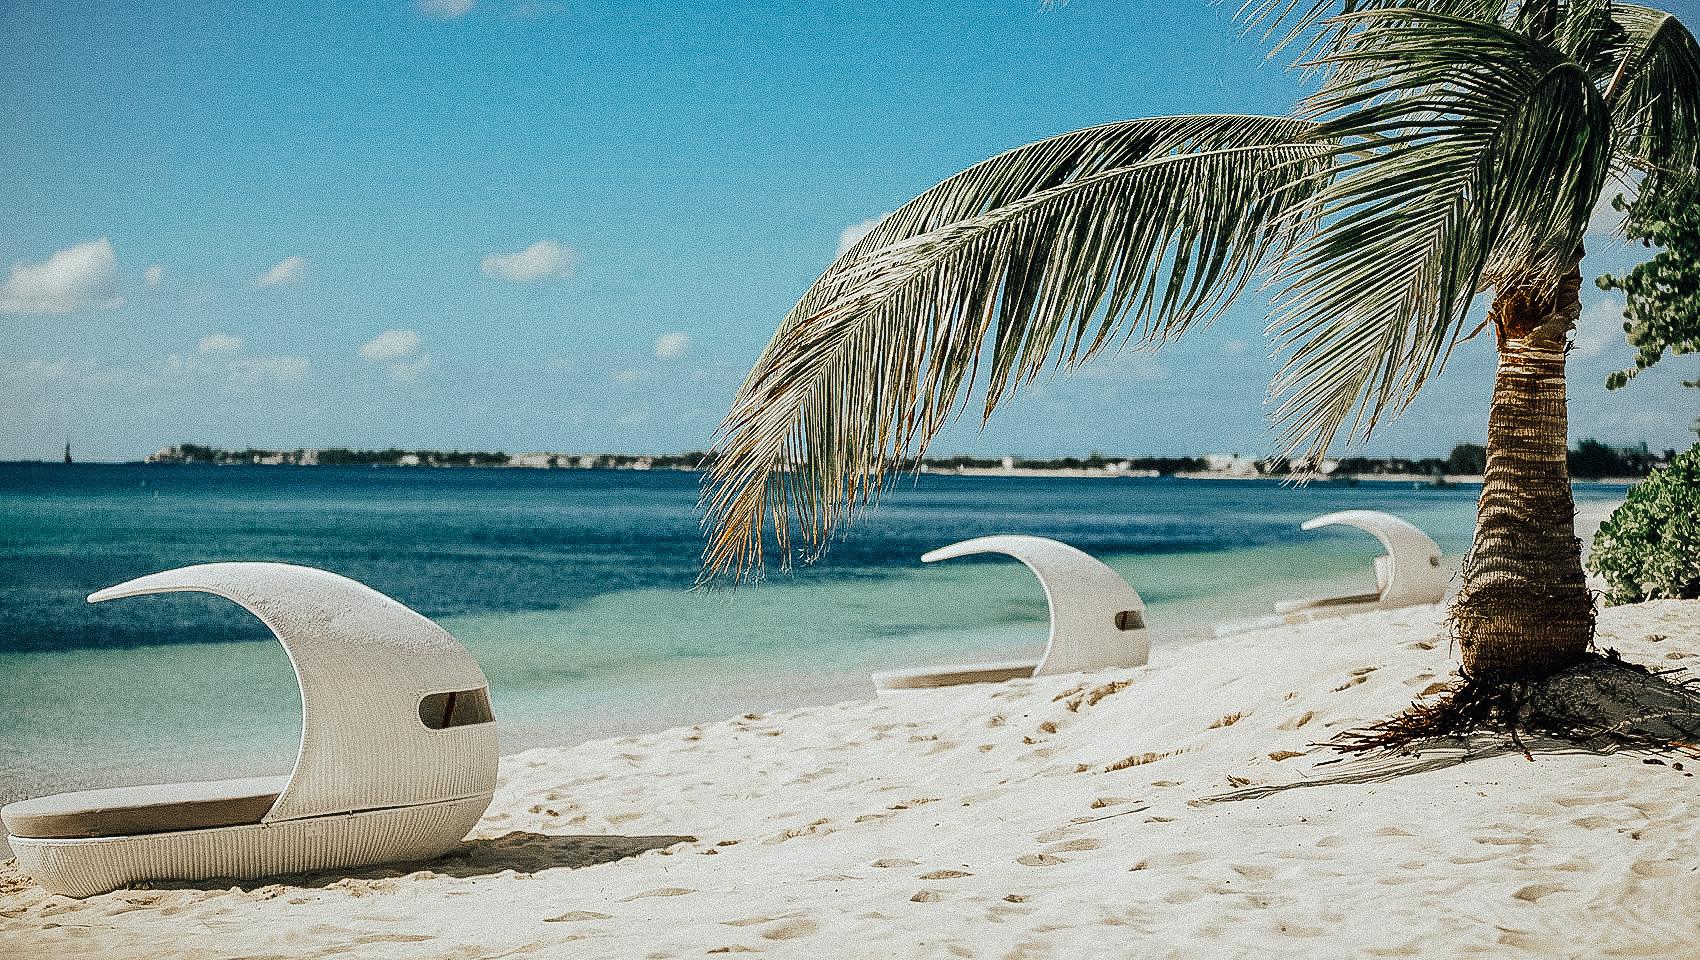 108-beach-pods-9984-a1f34ab5.jpg